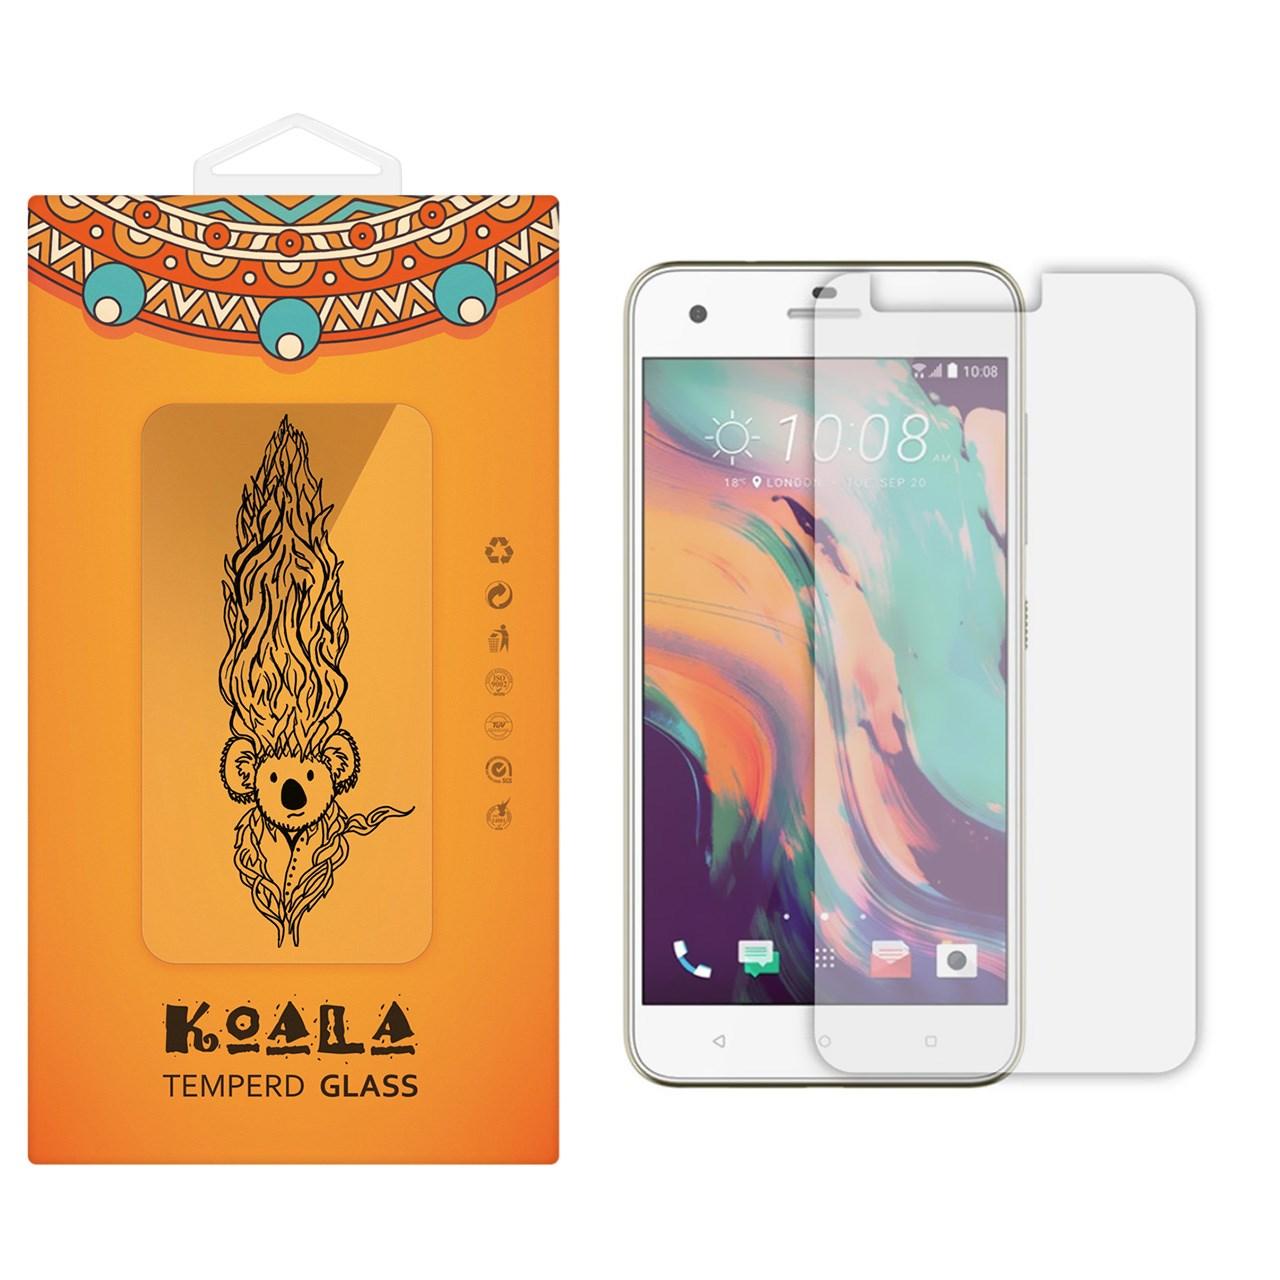 محافظ صفحه نمایش شیشه ای کوالا مدل Tempered مناسب برای گوشی موبایل اچ تی سی One X10